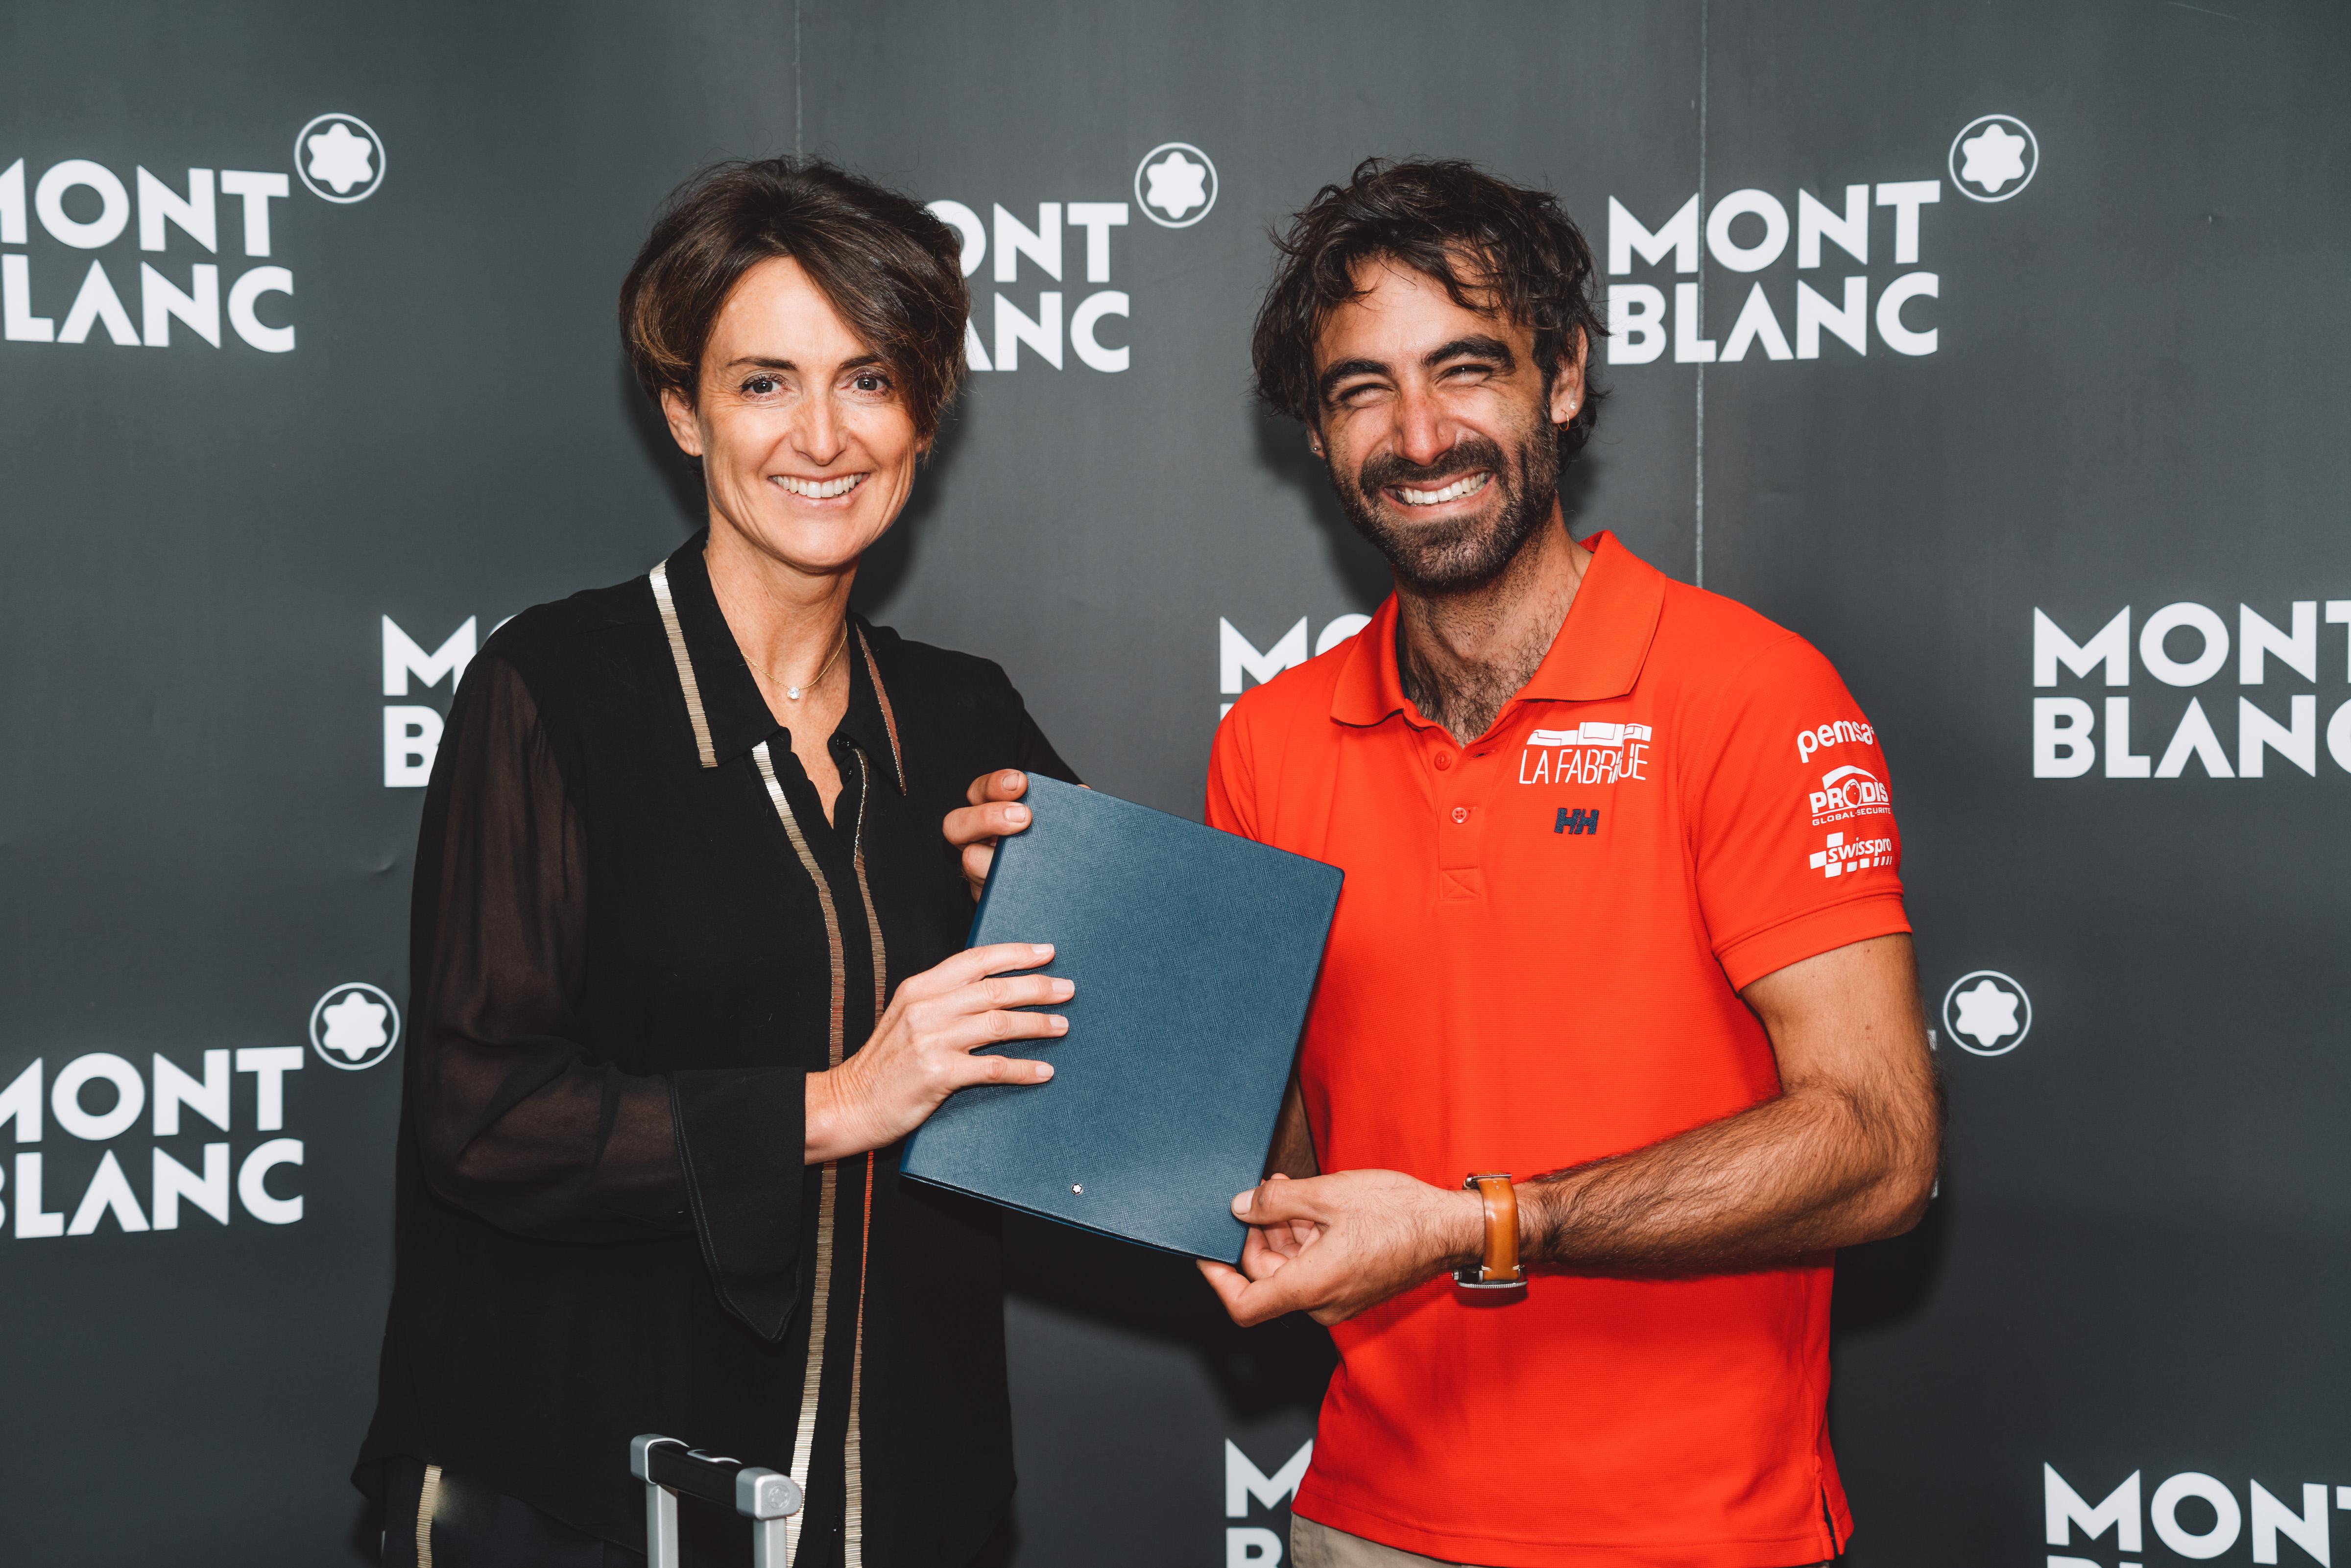 alan-ambassadeur-montblanc-suisse